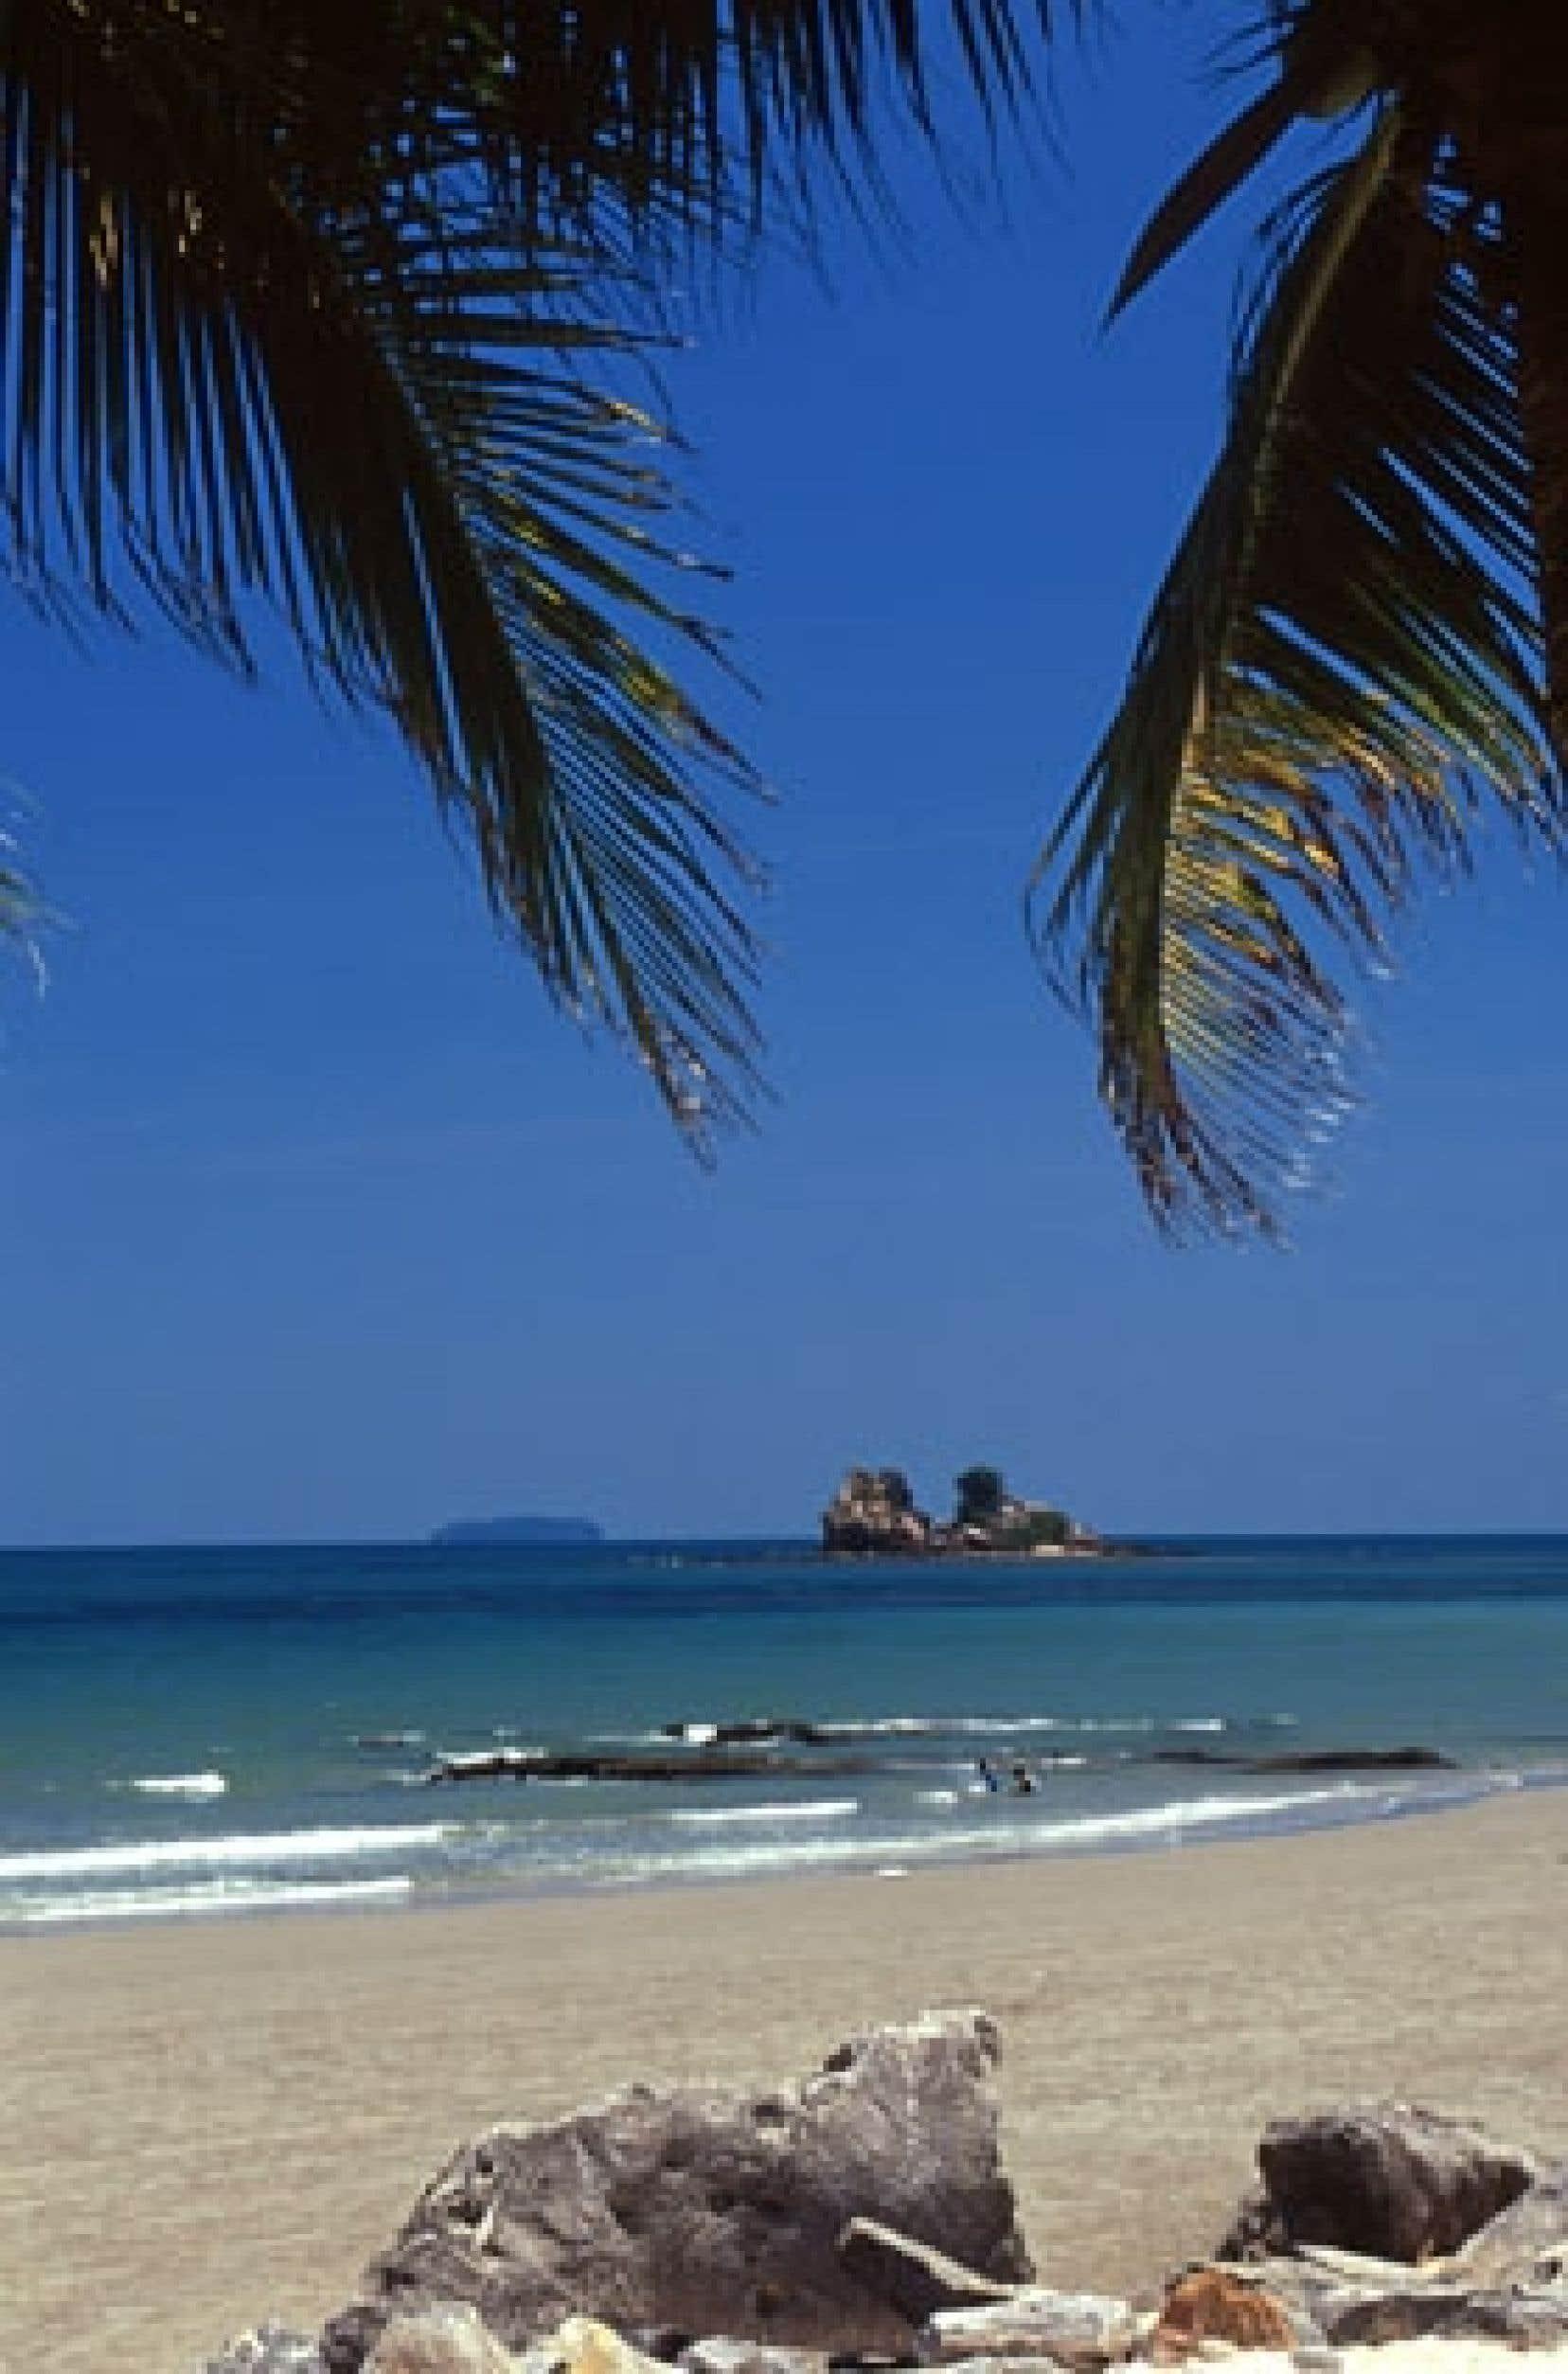 Selon le Dr Ismael Naypa du Yanhee International Hospital, «il est souvent moins cher de se faire opérer ici et de récupérer sur une plage thaïlandaise que de payer simplement pour l'opération en Amérique du Nord».